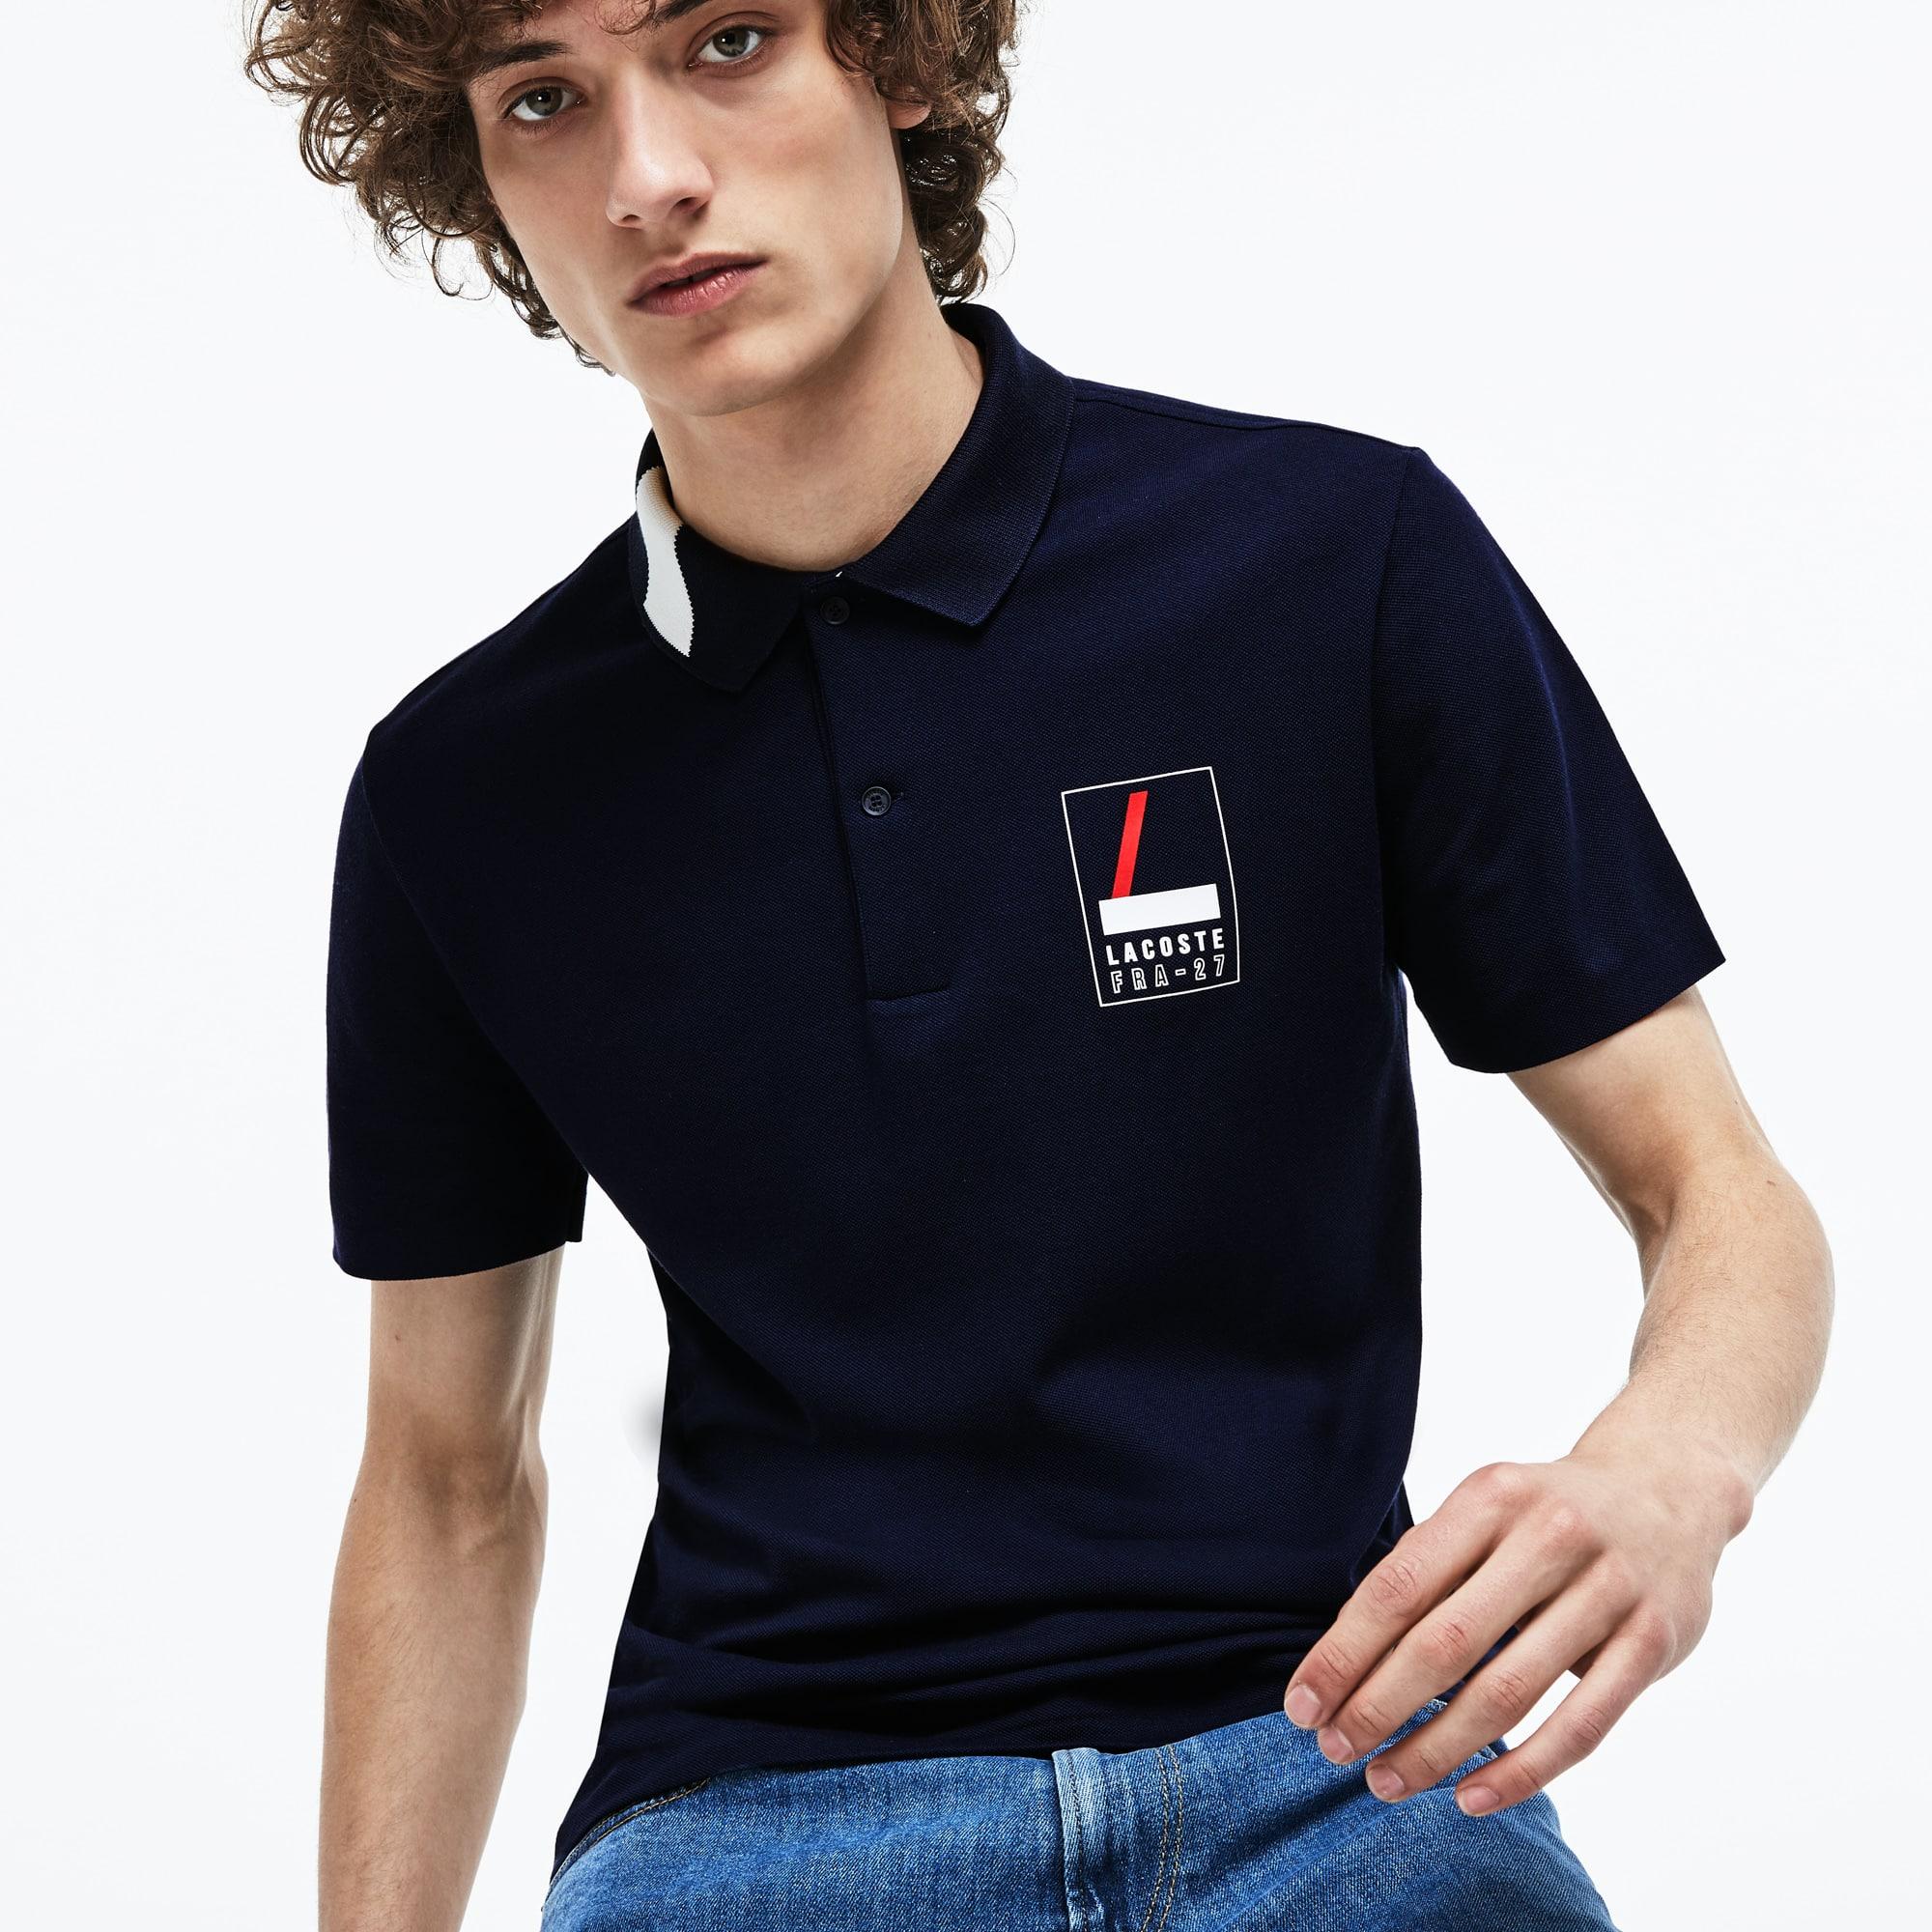 Lacoste - Polo De Hombre Lacoste Slim Fit En Mini Piqué Elástico Con Inscripción - 1